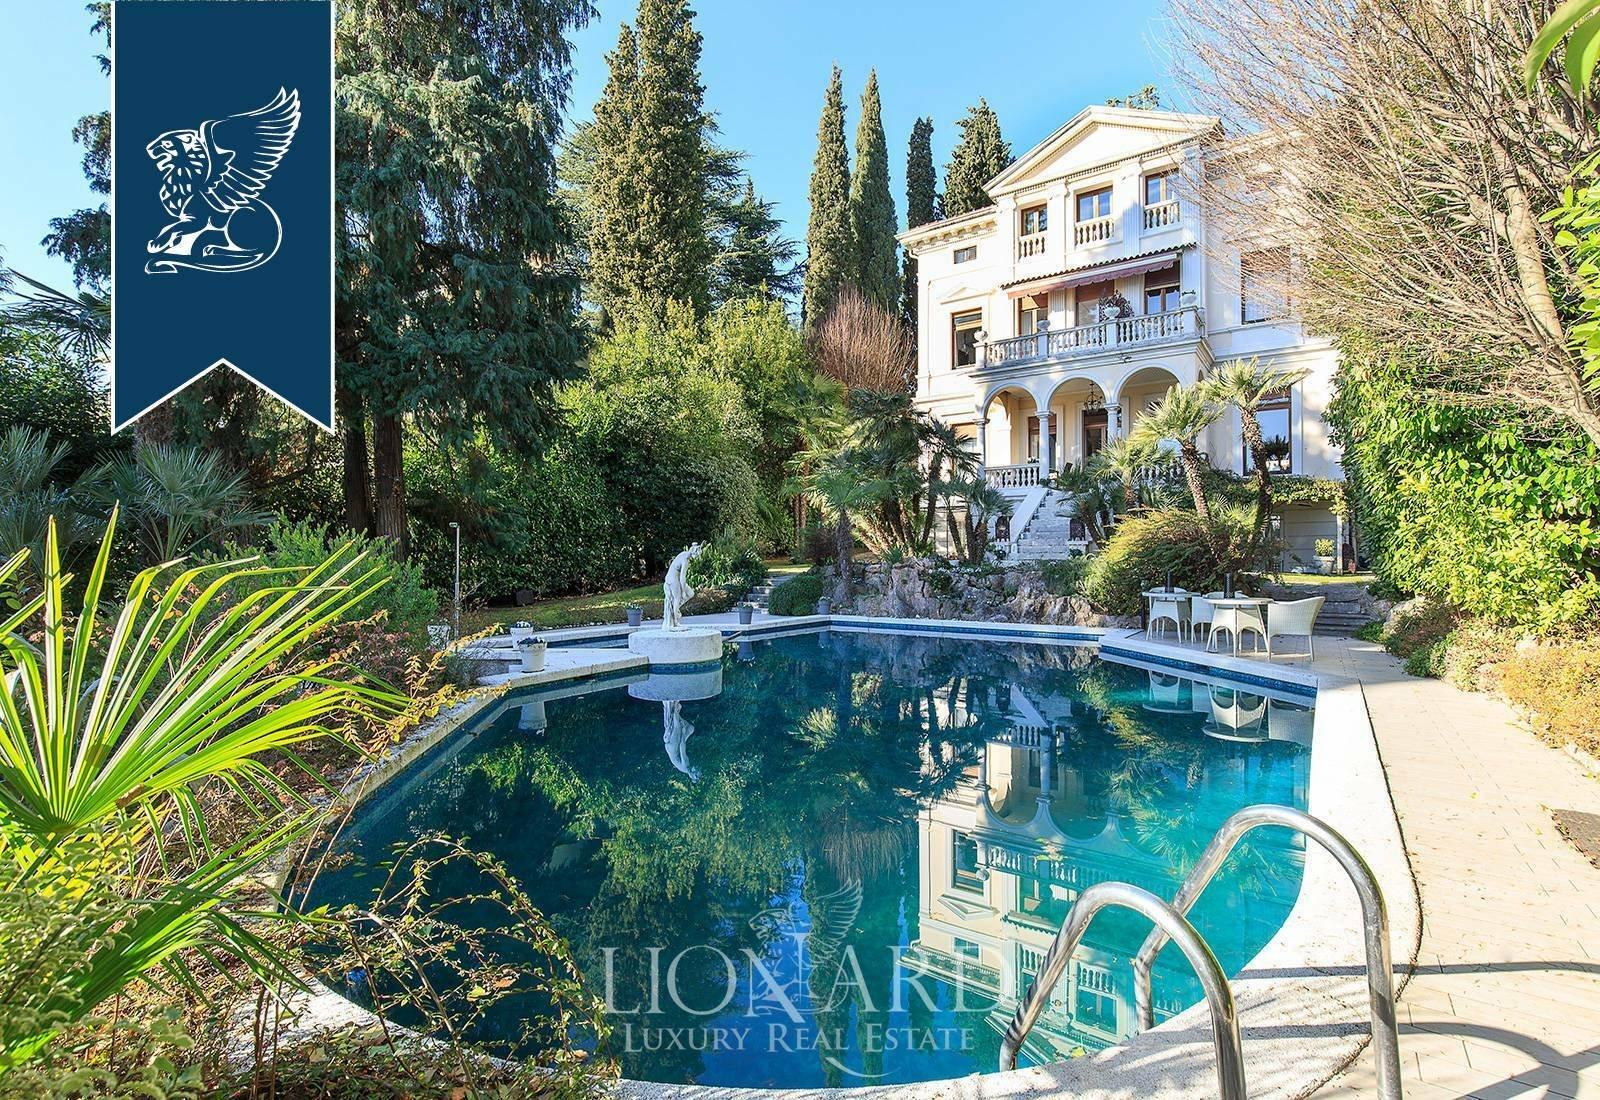 Villa in Gardone Riviera, Lombardy, Italy 1